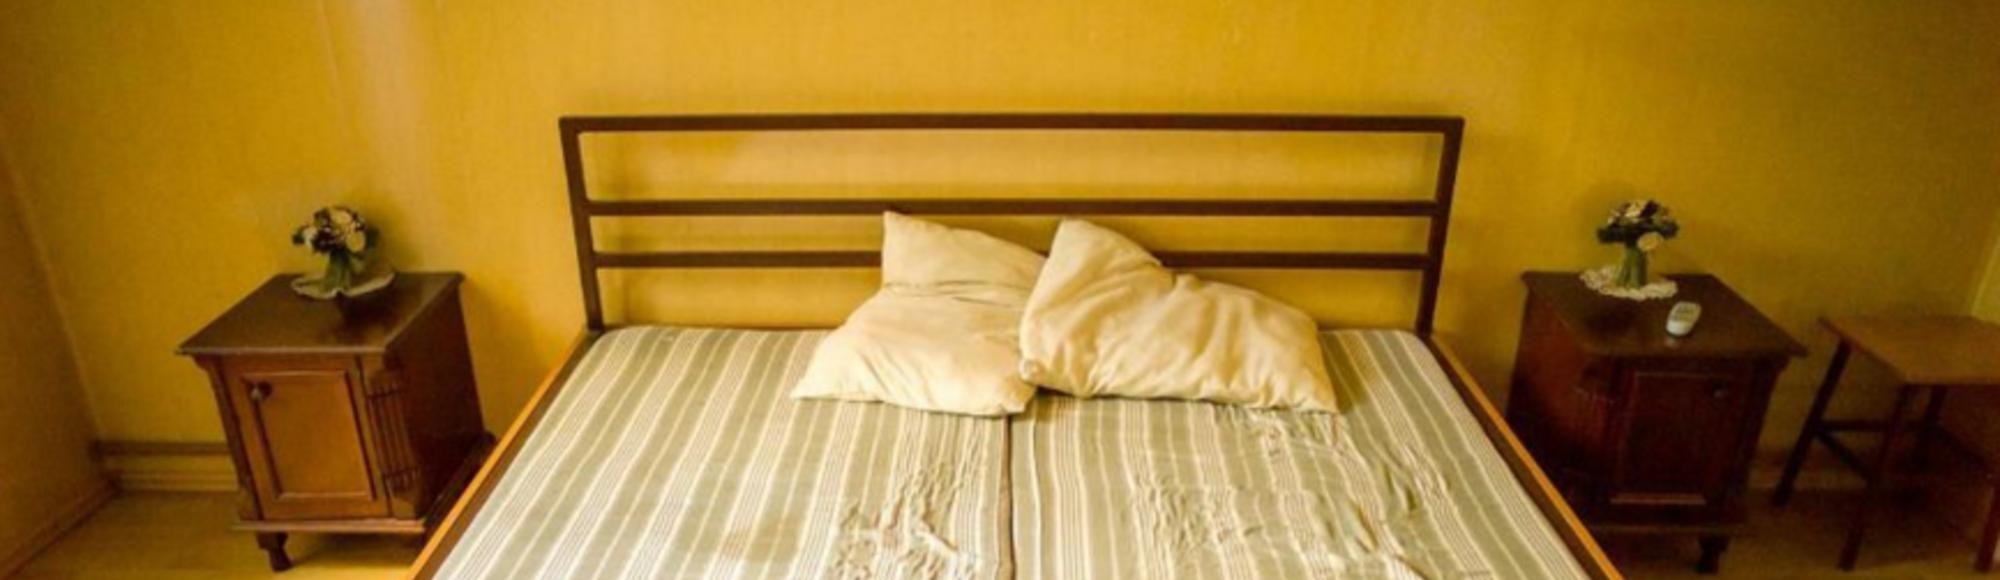 Fotografias dos quartos para visitas conjugais das prisões romenas